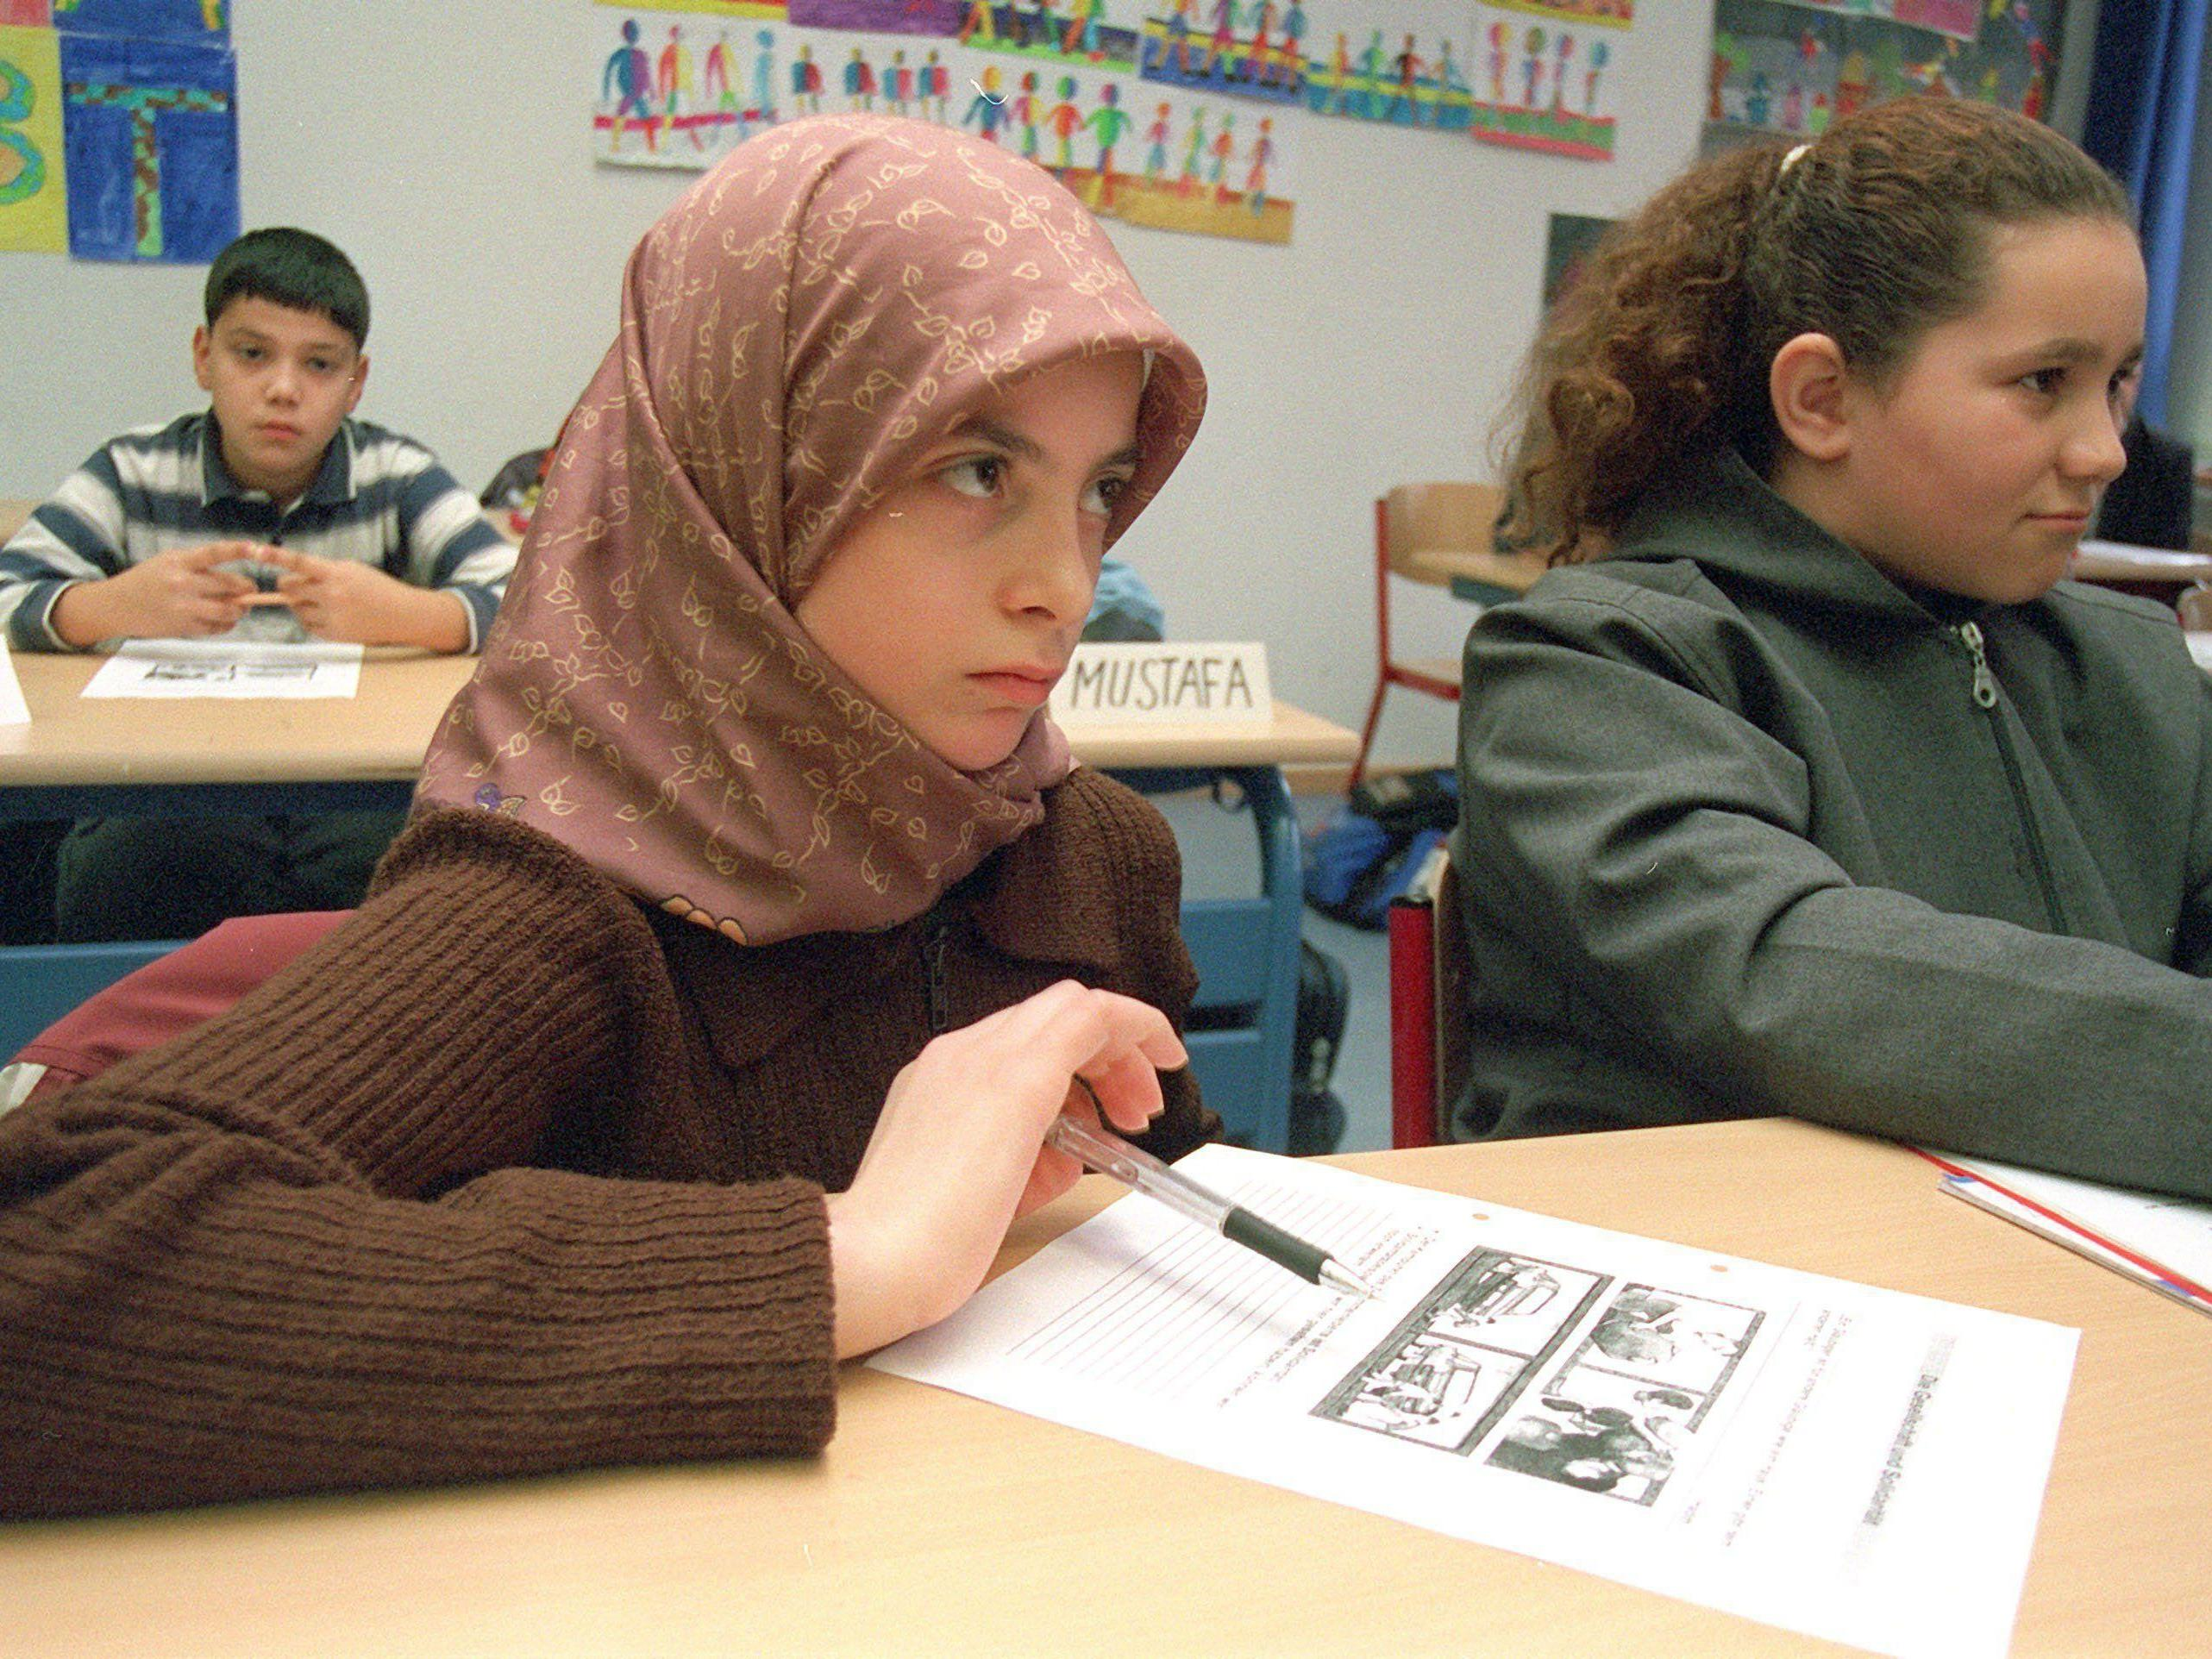 5.900 Unterschriften haben die Schülerinnen für den Islamlehrer gesammelt.